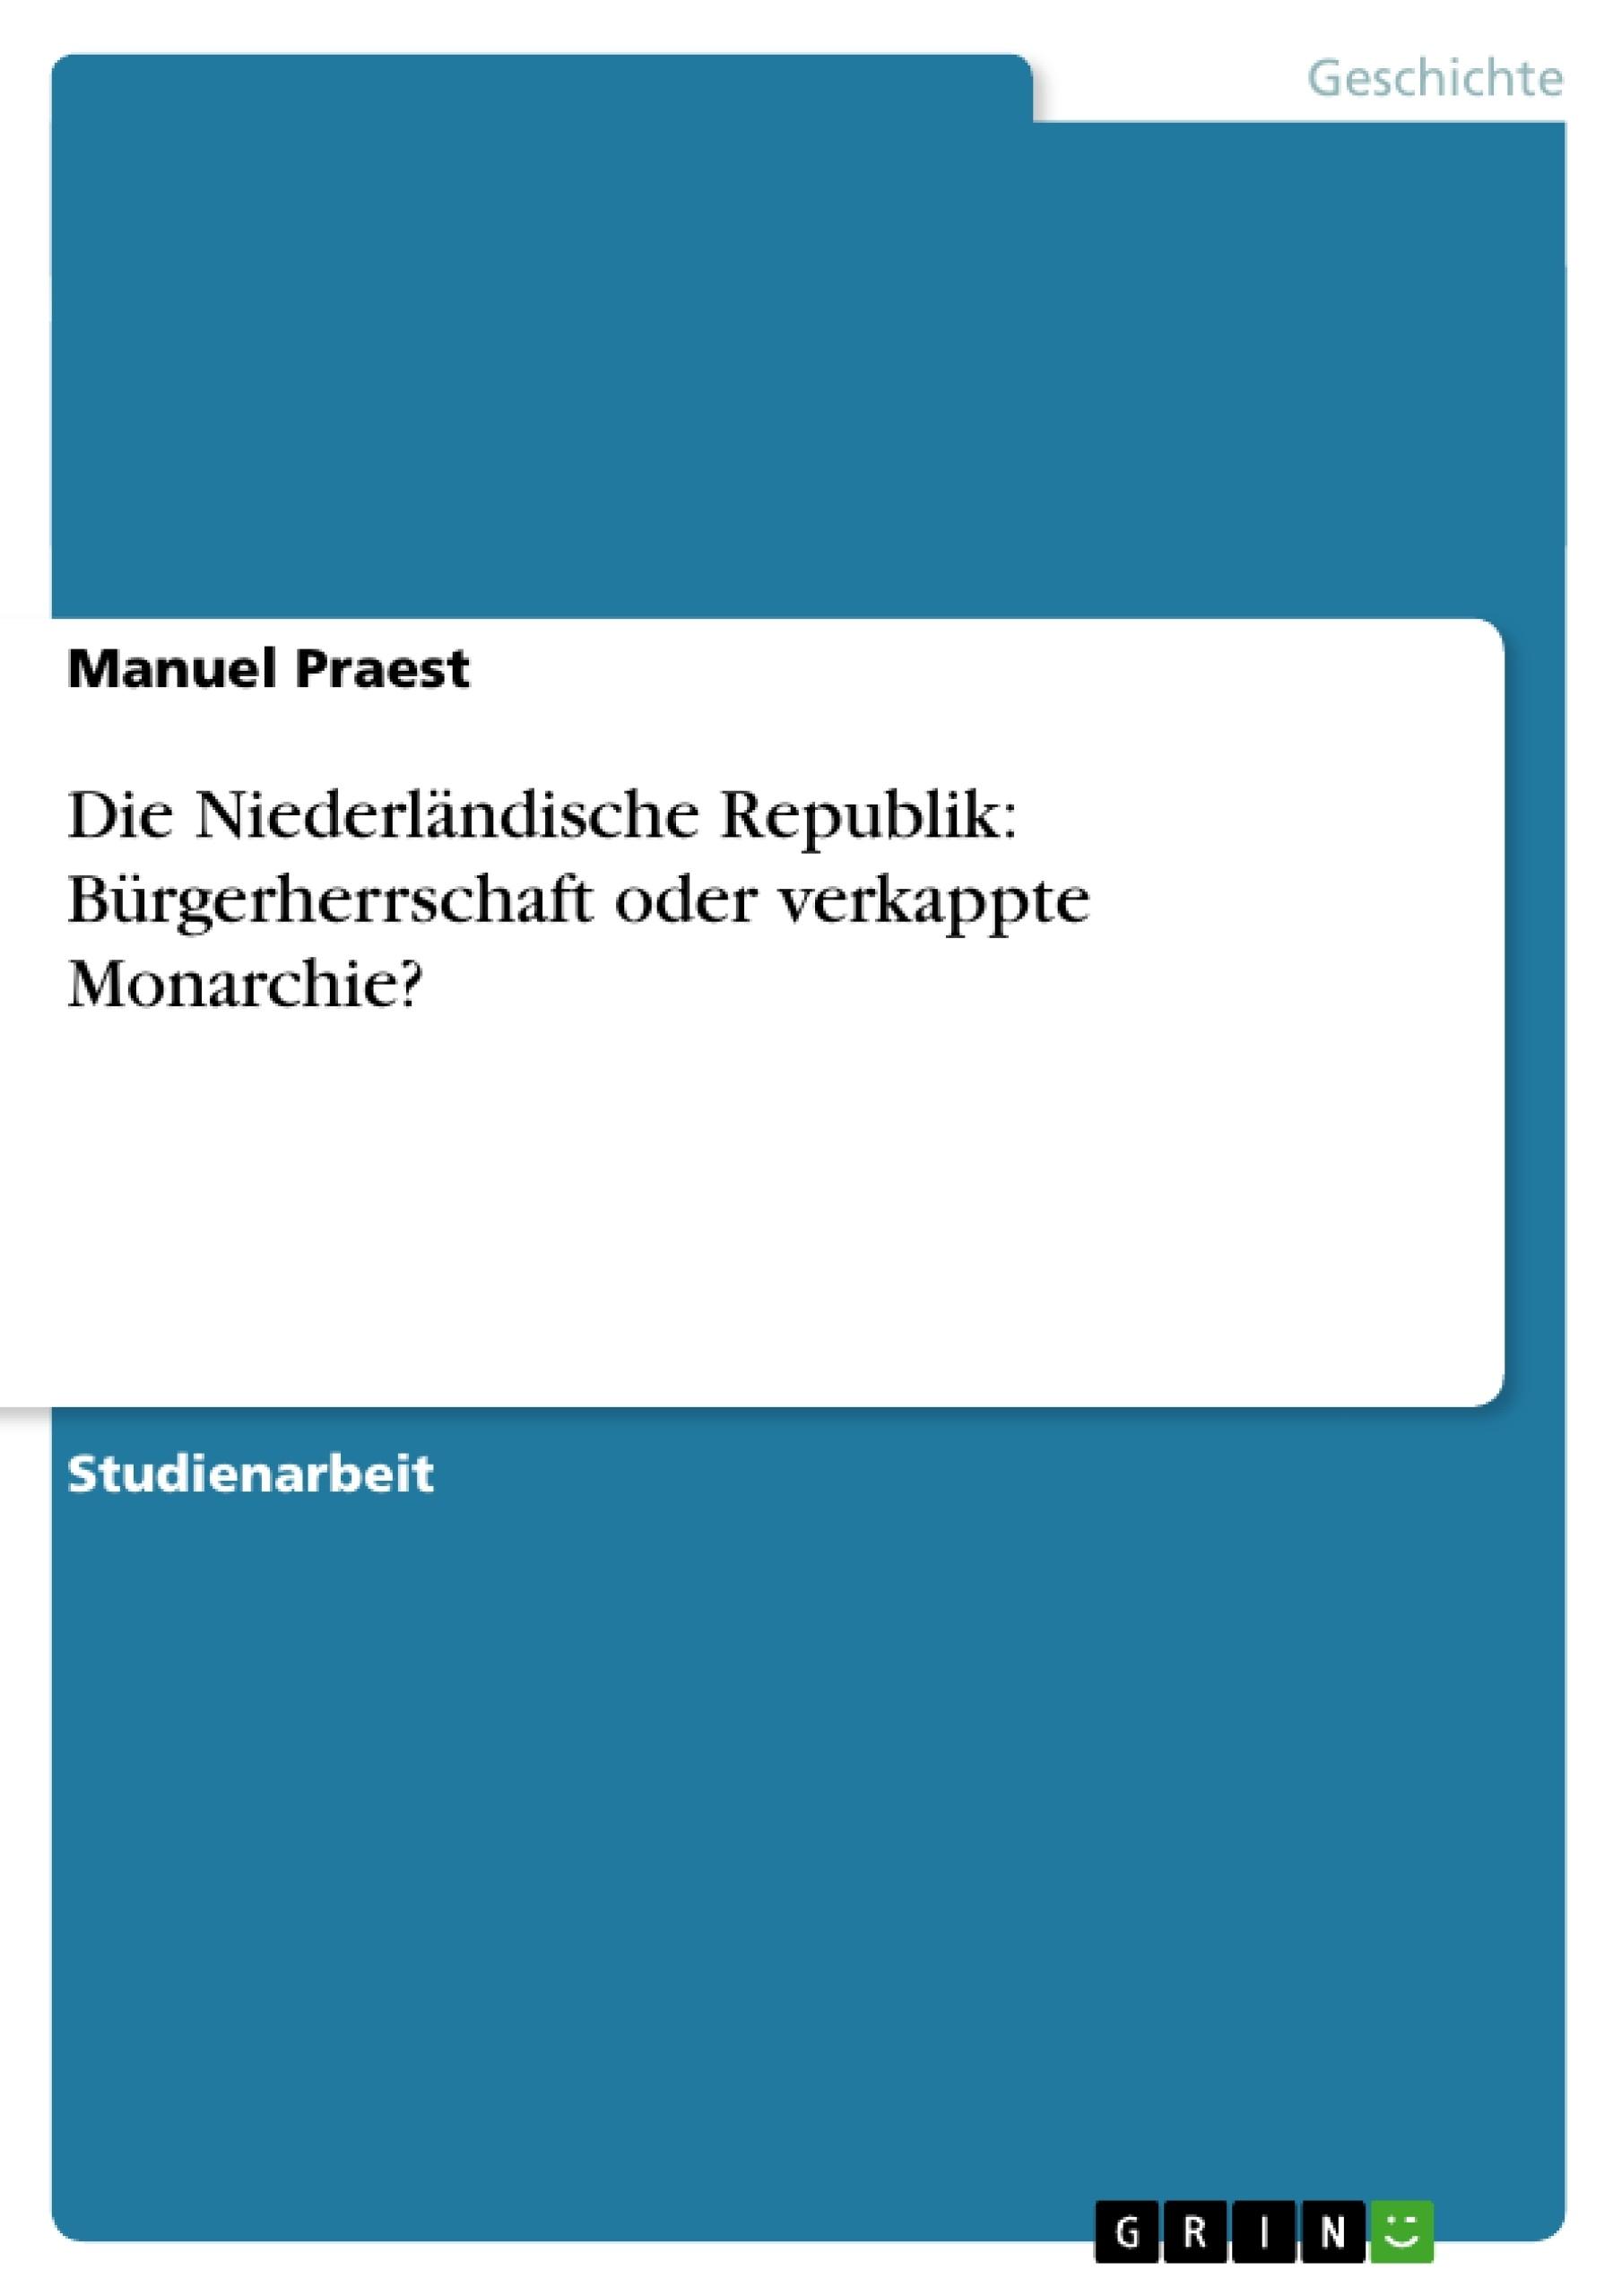 Titel: Die Niederländische Republik: Bürgerherrschaft oder verkappte Monarchie?